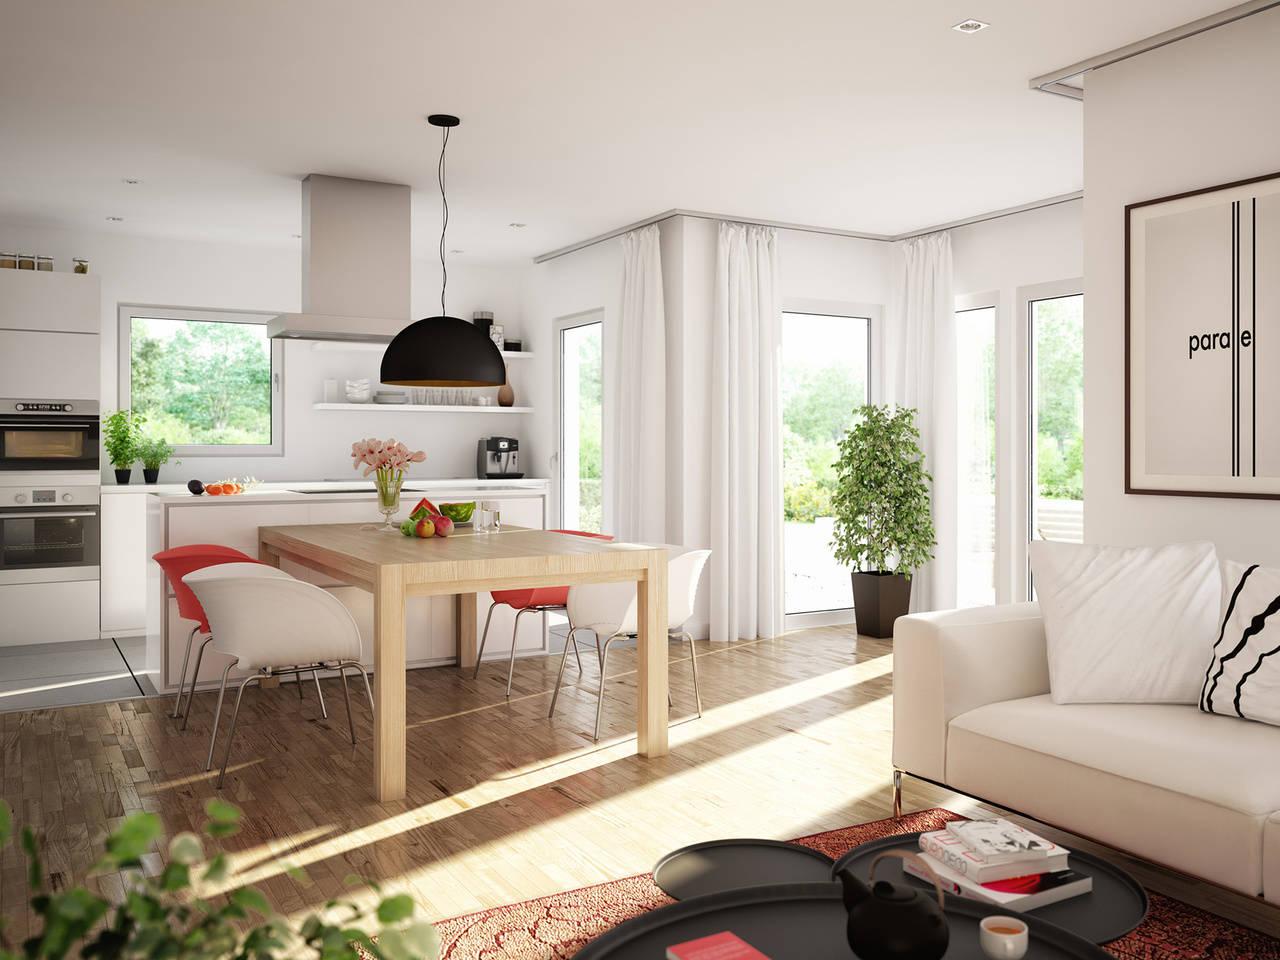 Wohnküche im Aktionshaus Sunshine 125 V7 von Living Haus